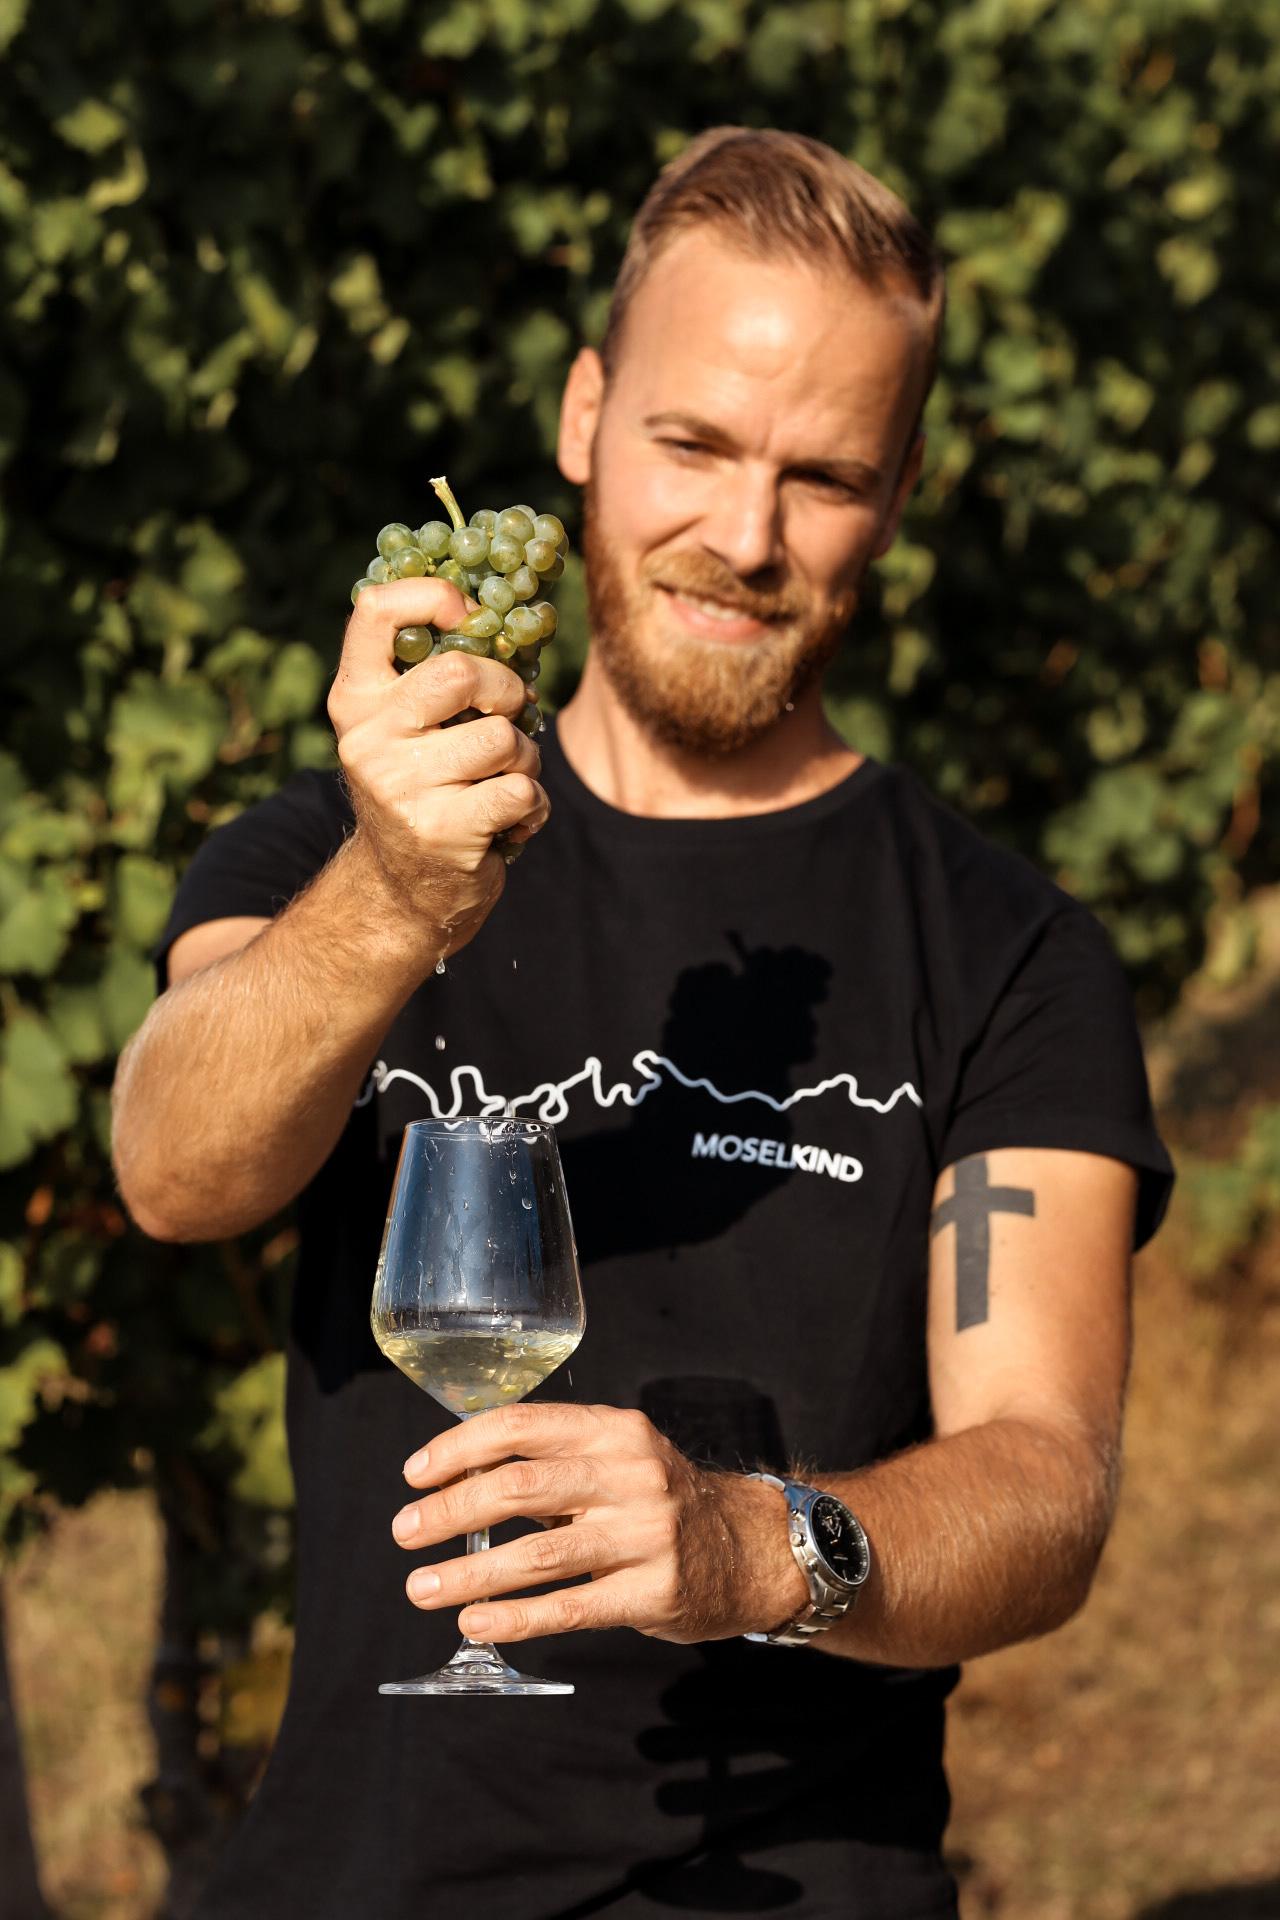 Die Liebe zur Mosel stolz auf der Brust - Shirts von Printabell Moselliebe Moseltal Moselland wein Weingut Weingüter Riesling Mosel Heimatliebe